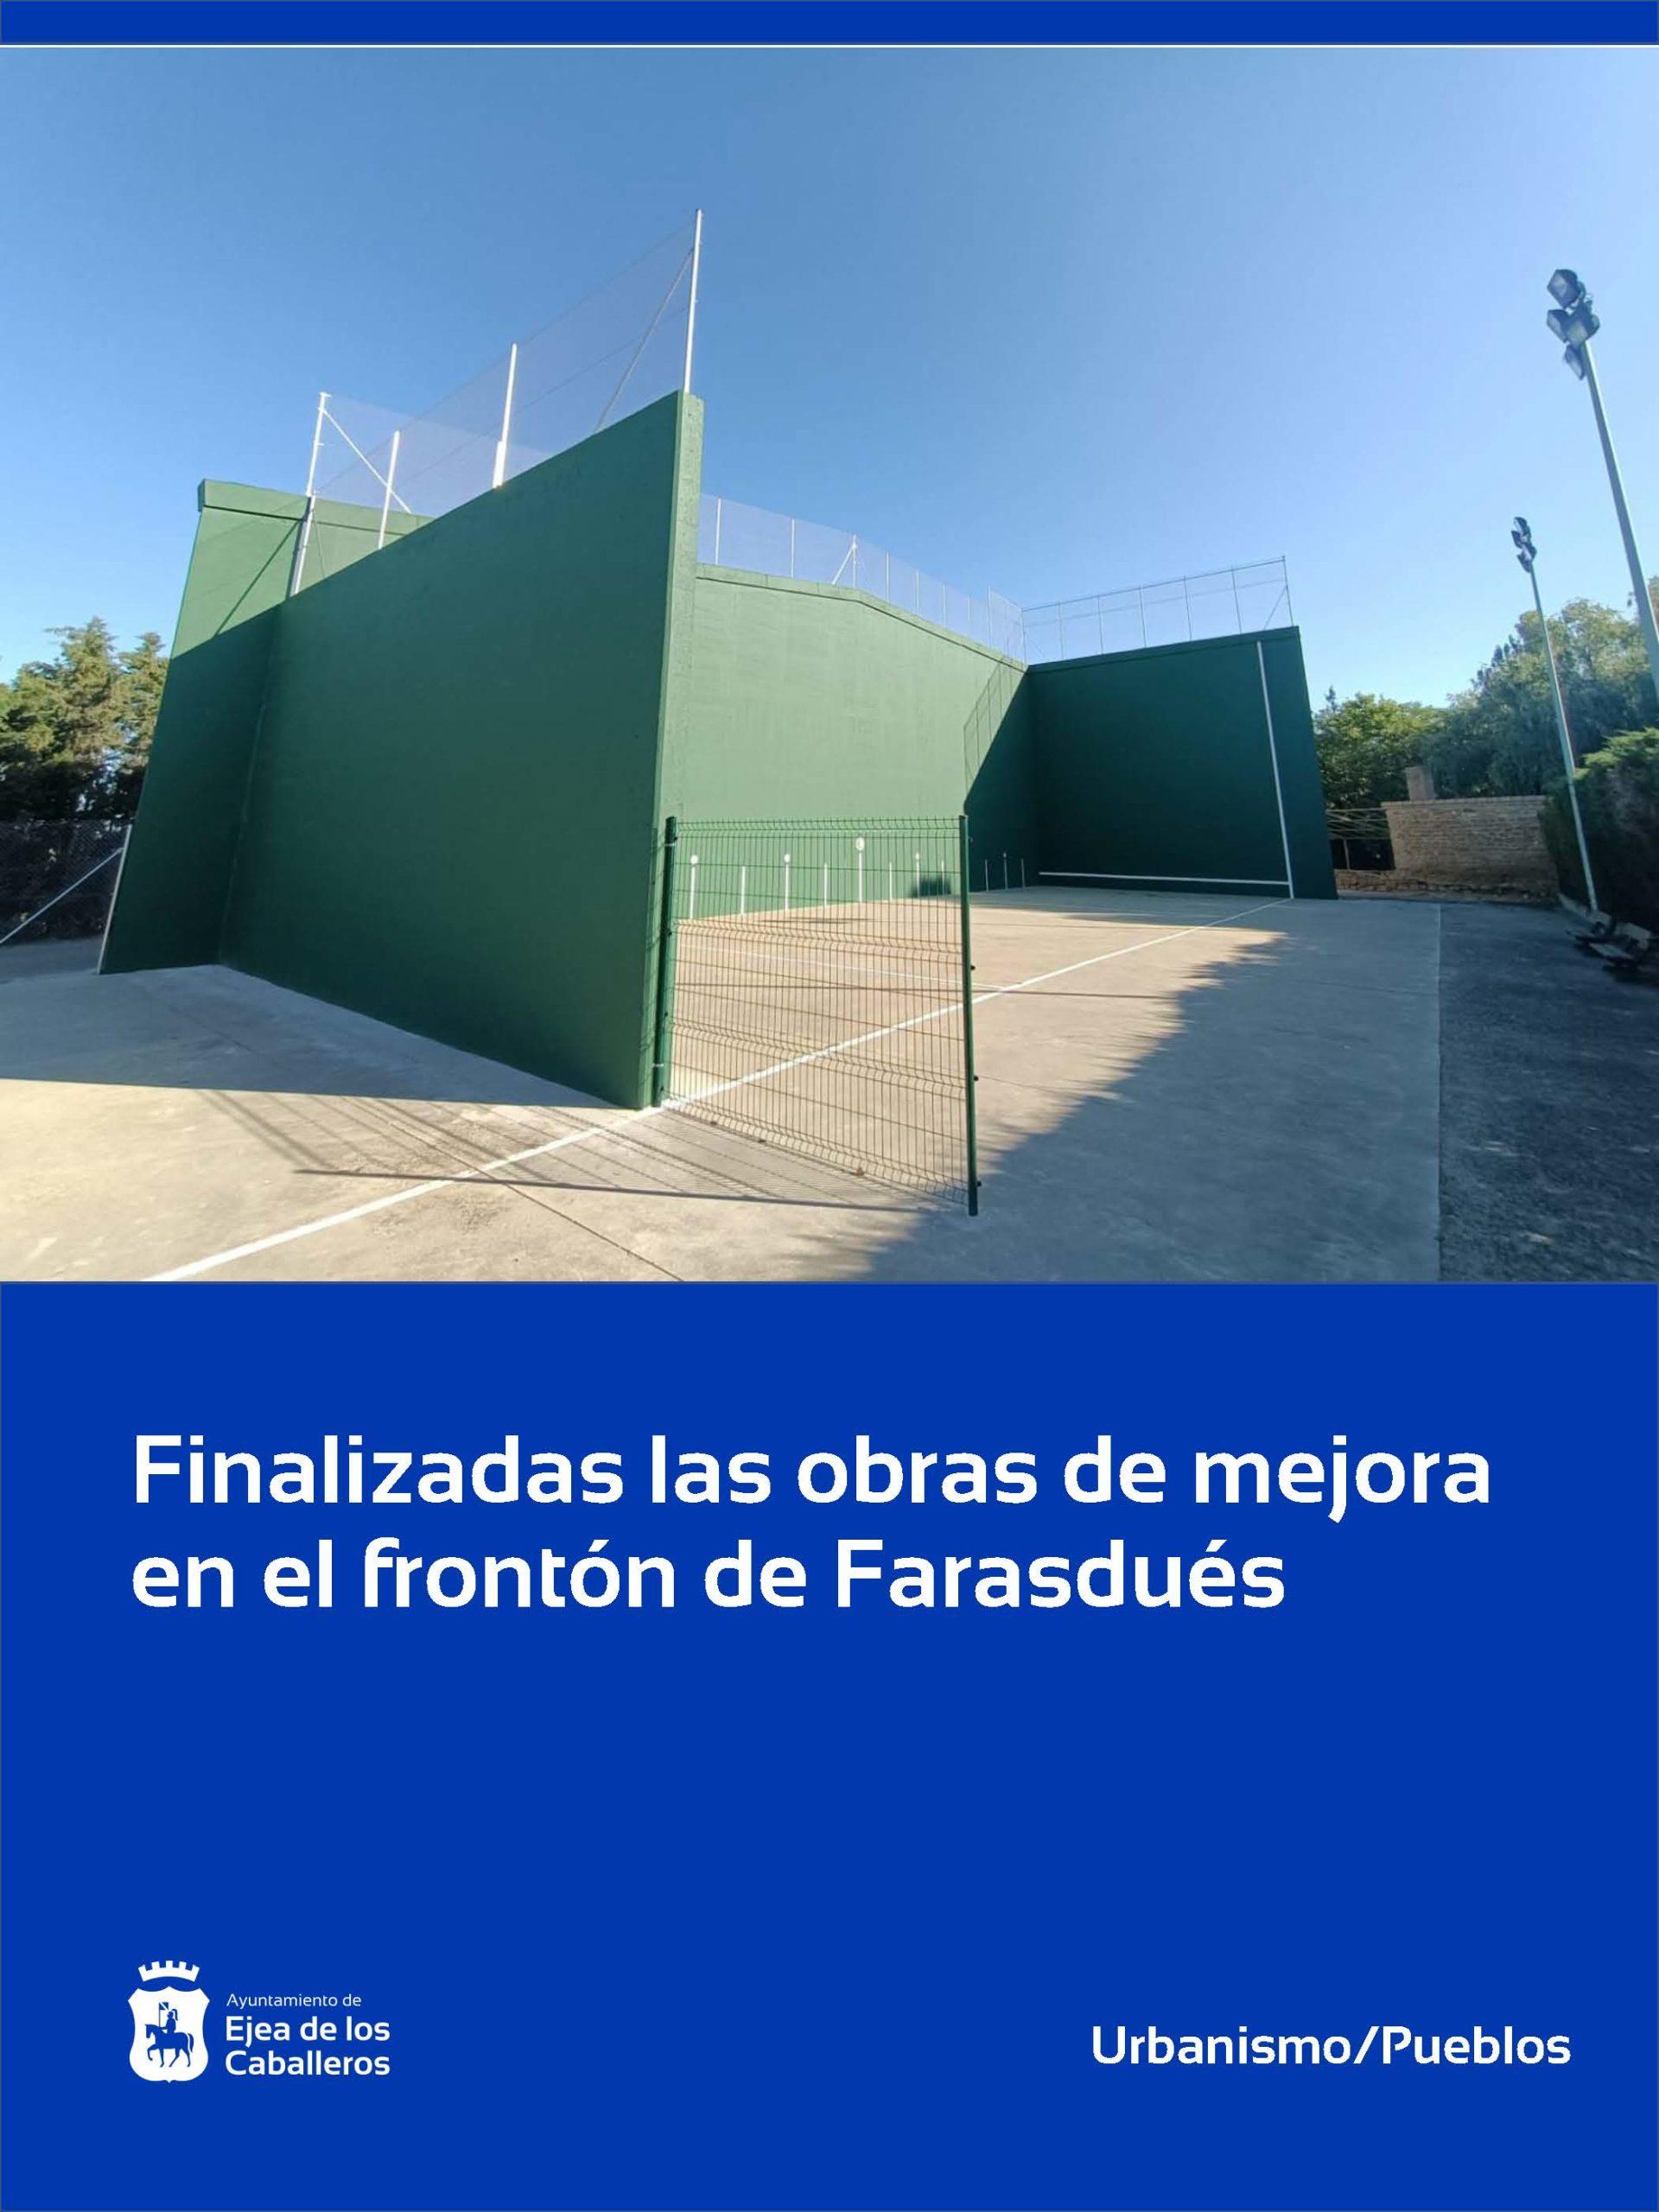 Finalizadas las obras de mejora del frontón en Farasdués